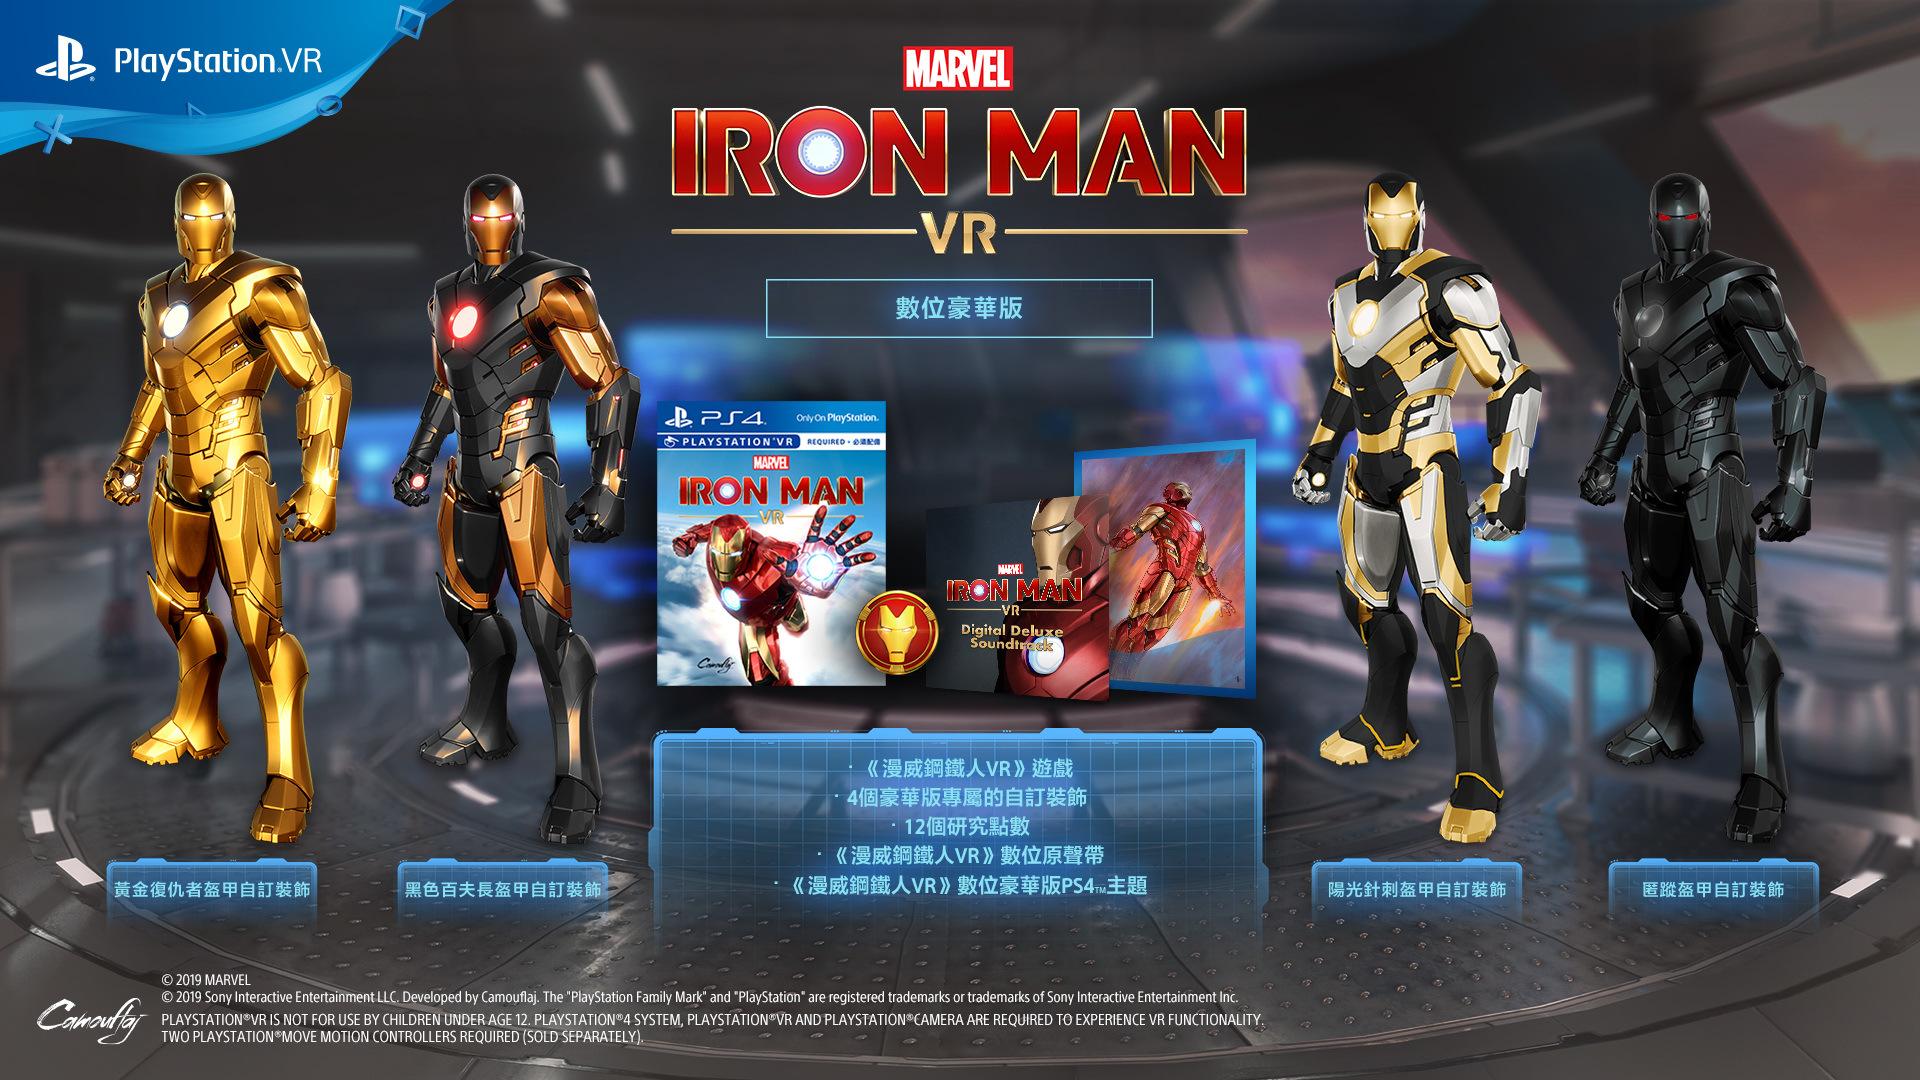 《漫威钢铁侠VR》中文版明年同步发售 数字豪华版内容公布